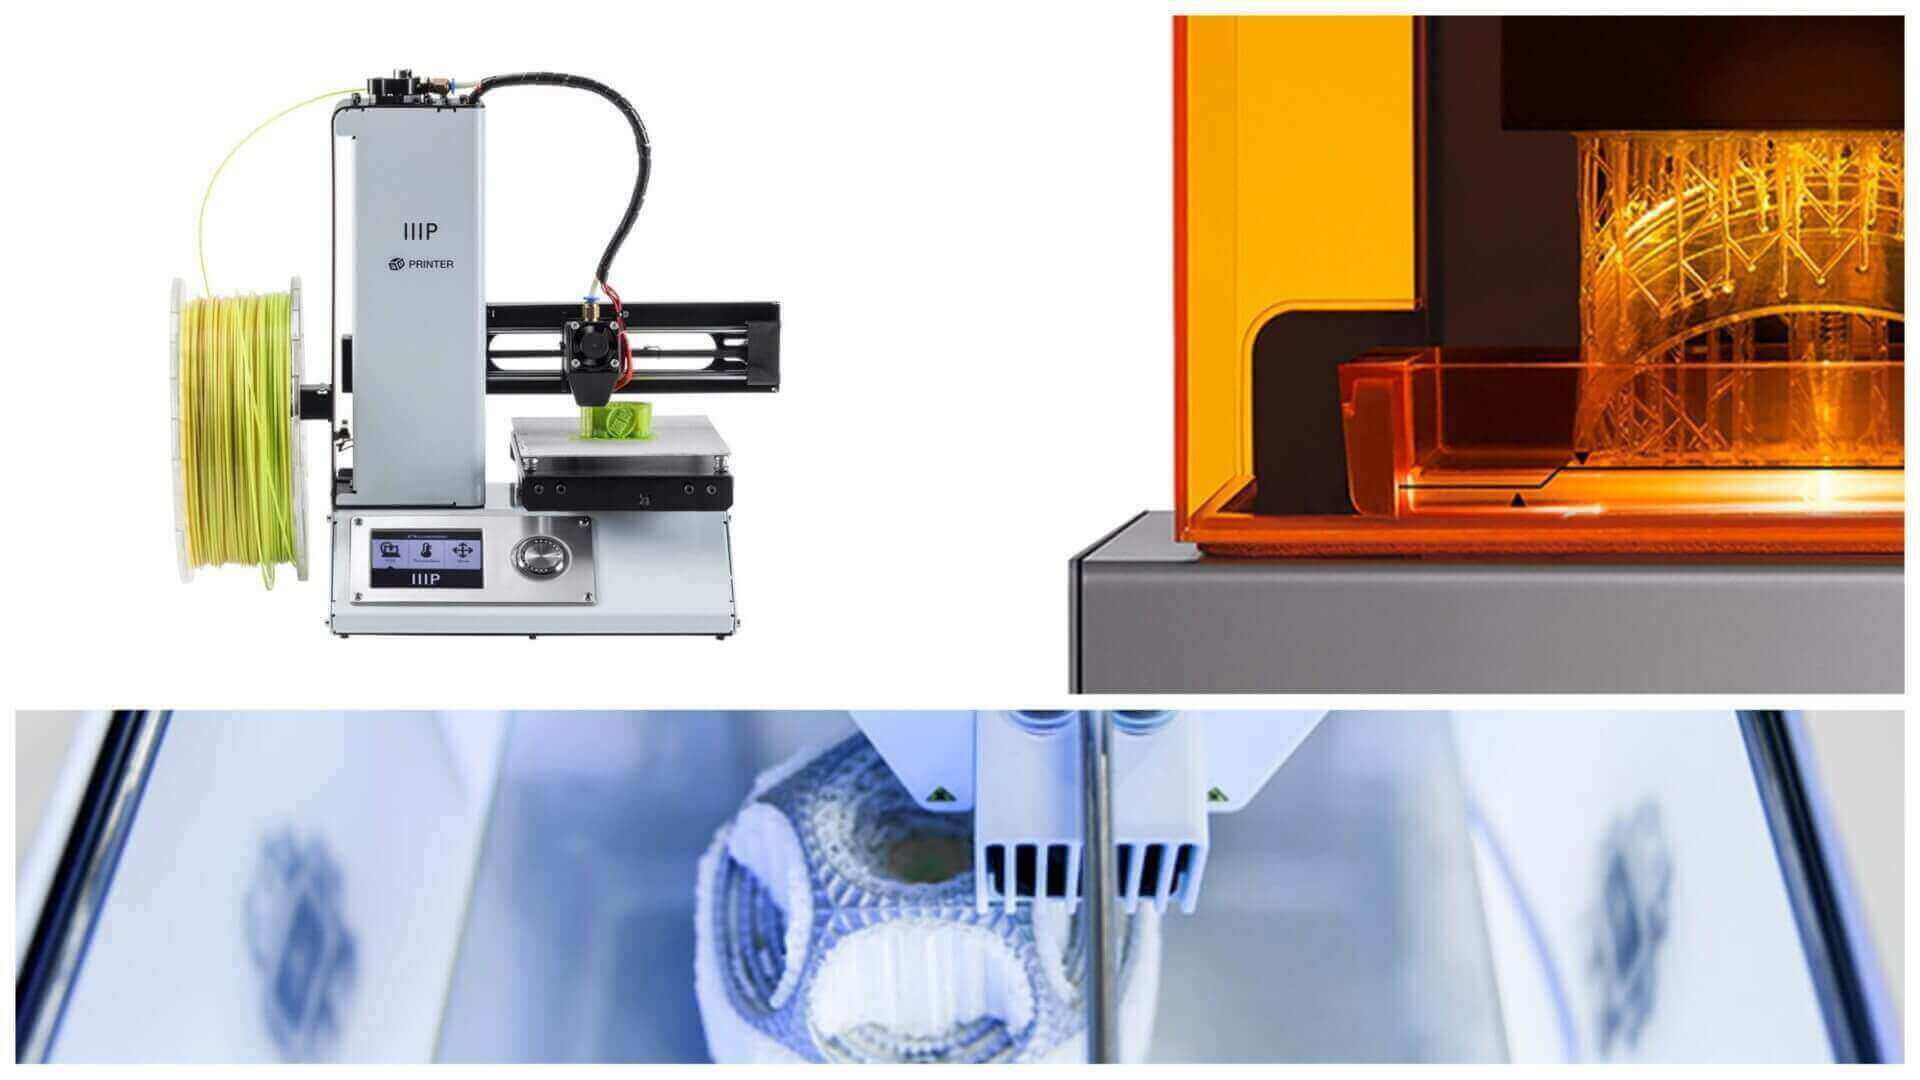 Acheter une imprimante 3D – Guide de l'acheteur 2021 | All3DP